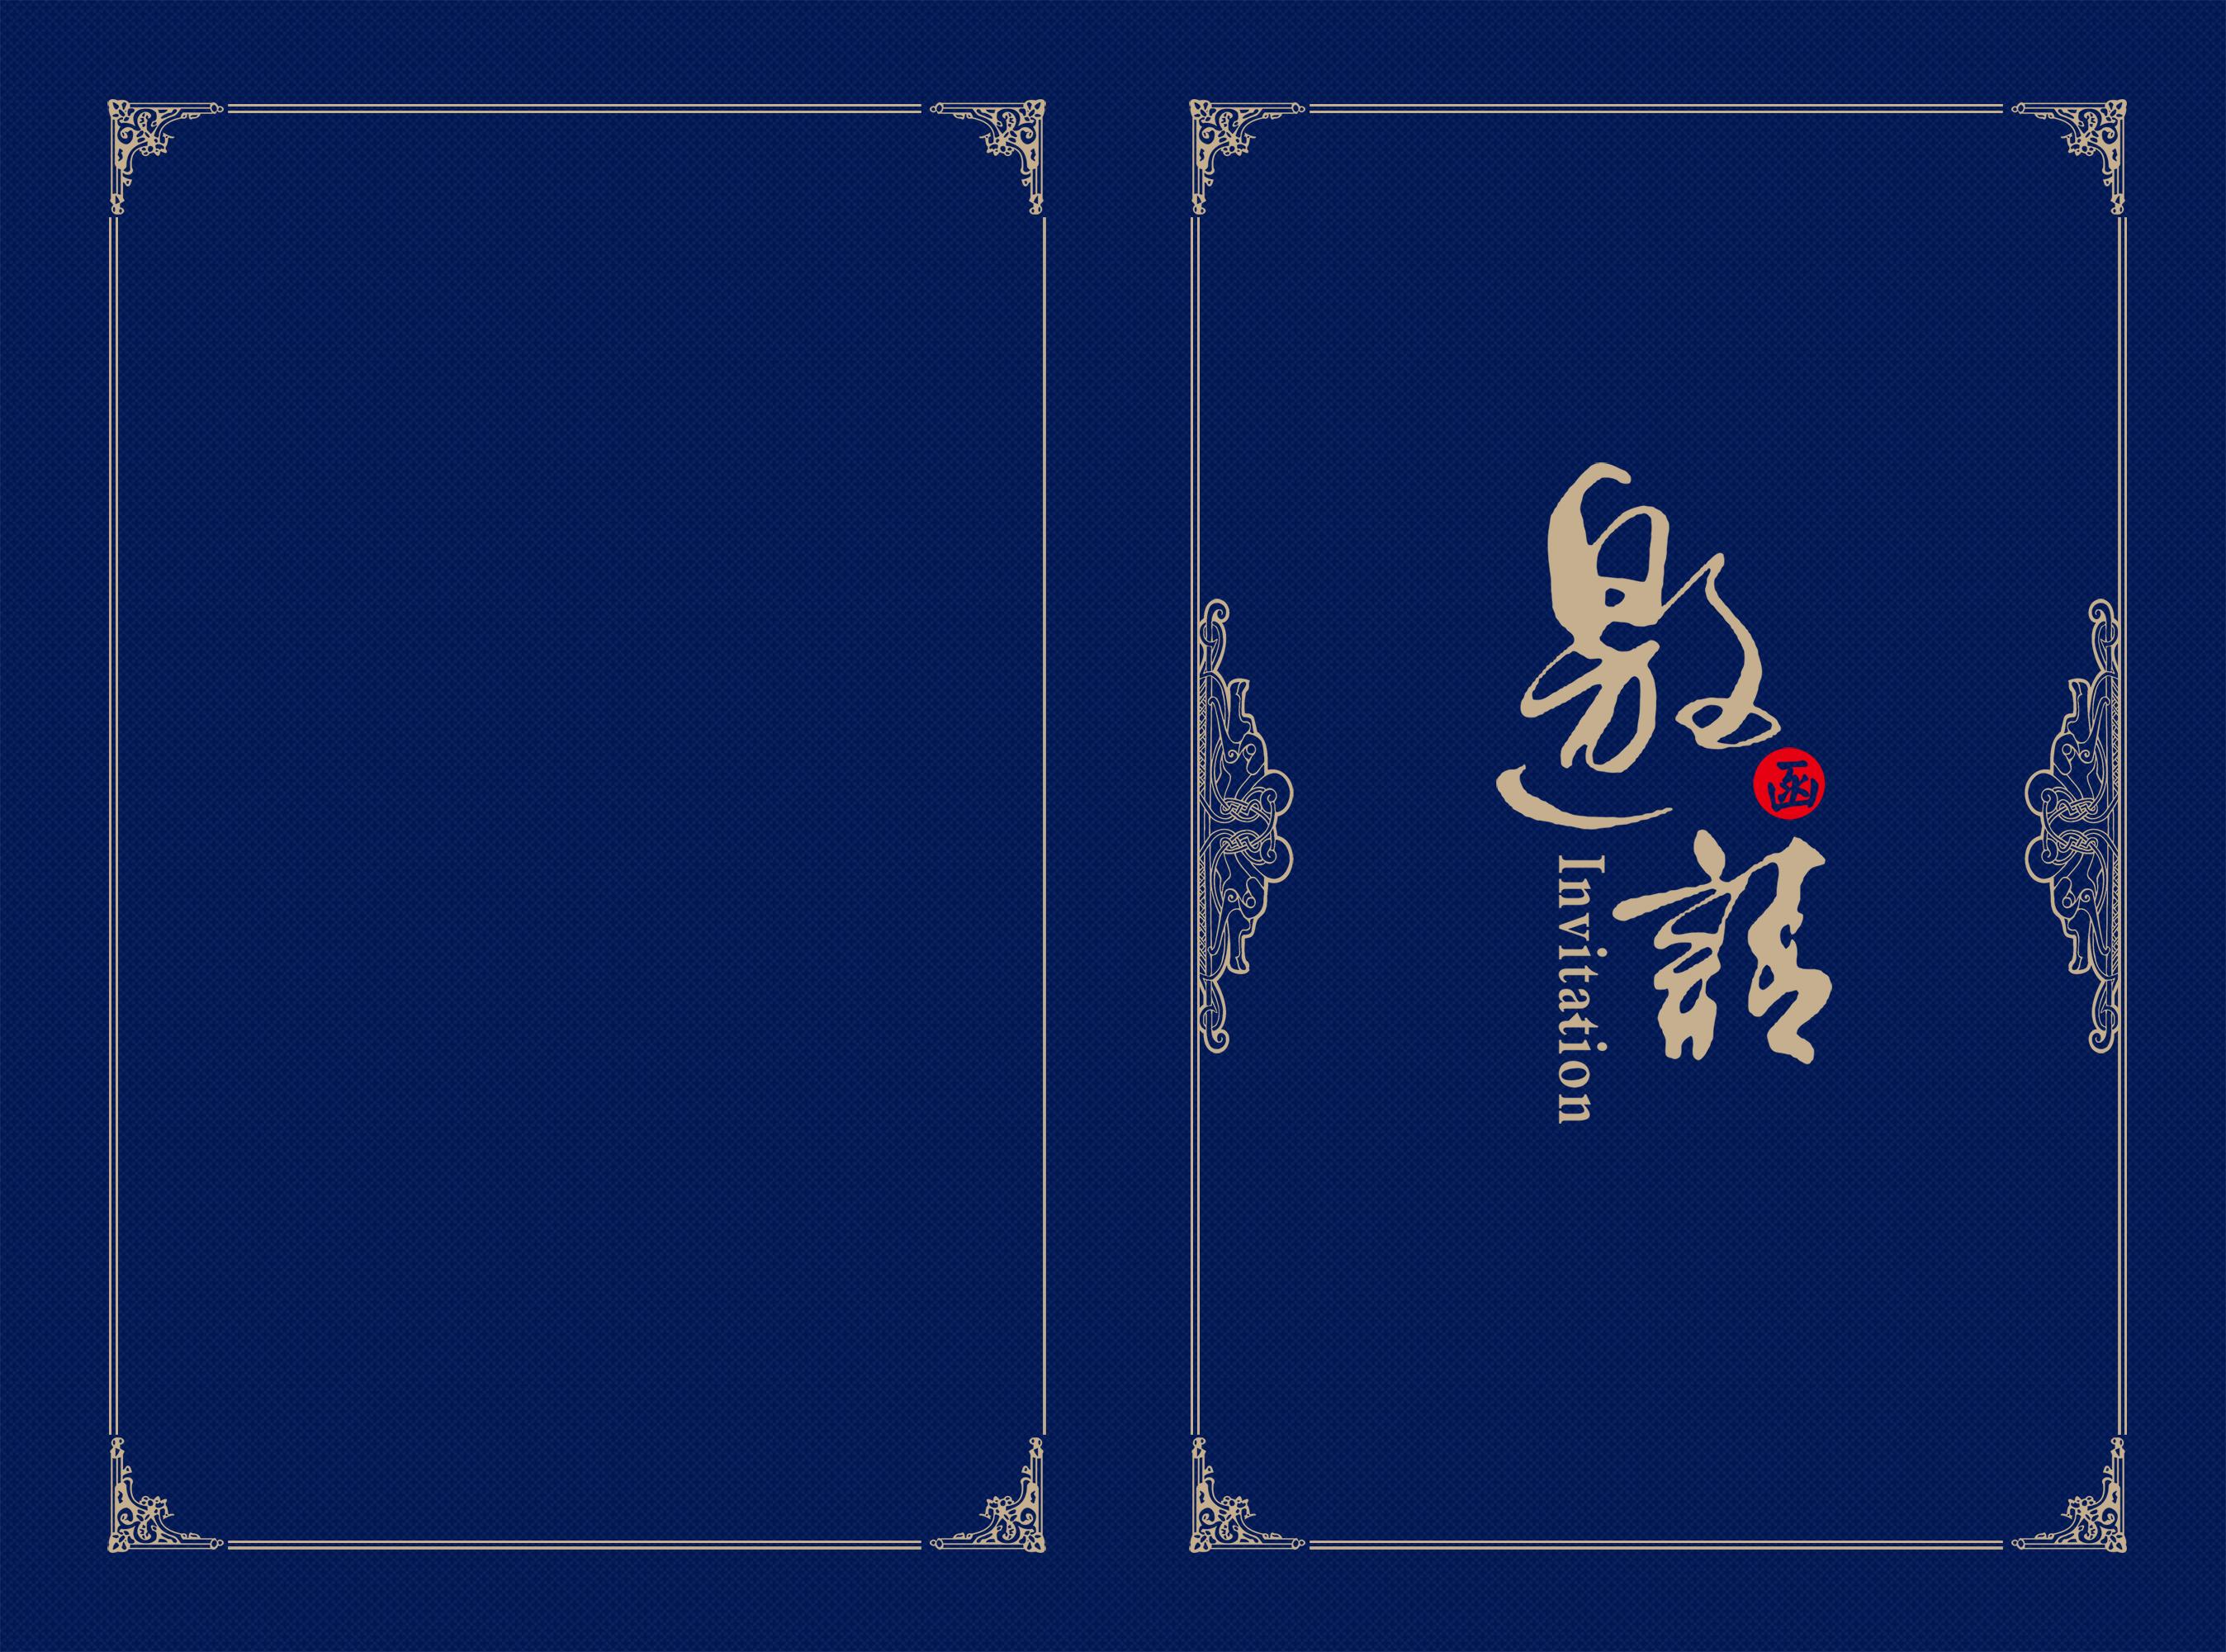 bleu fonc u00e9 profond des invitations de la mati u00e8re de fond